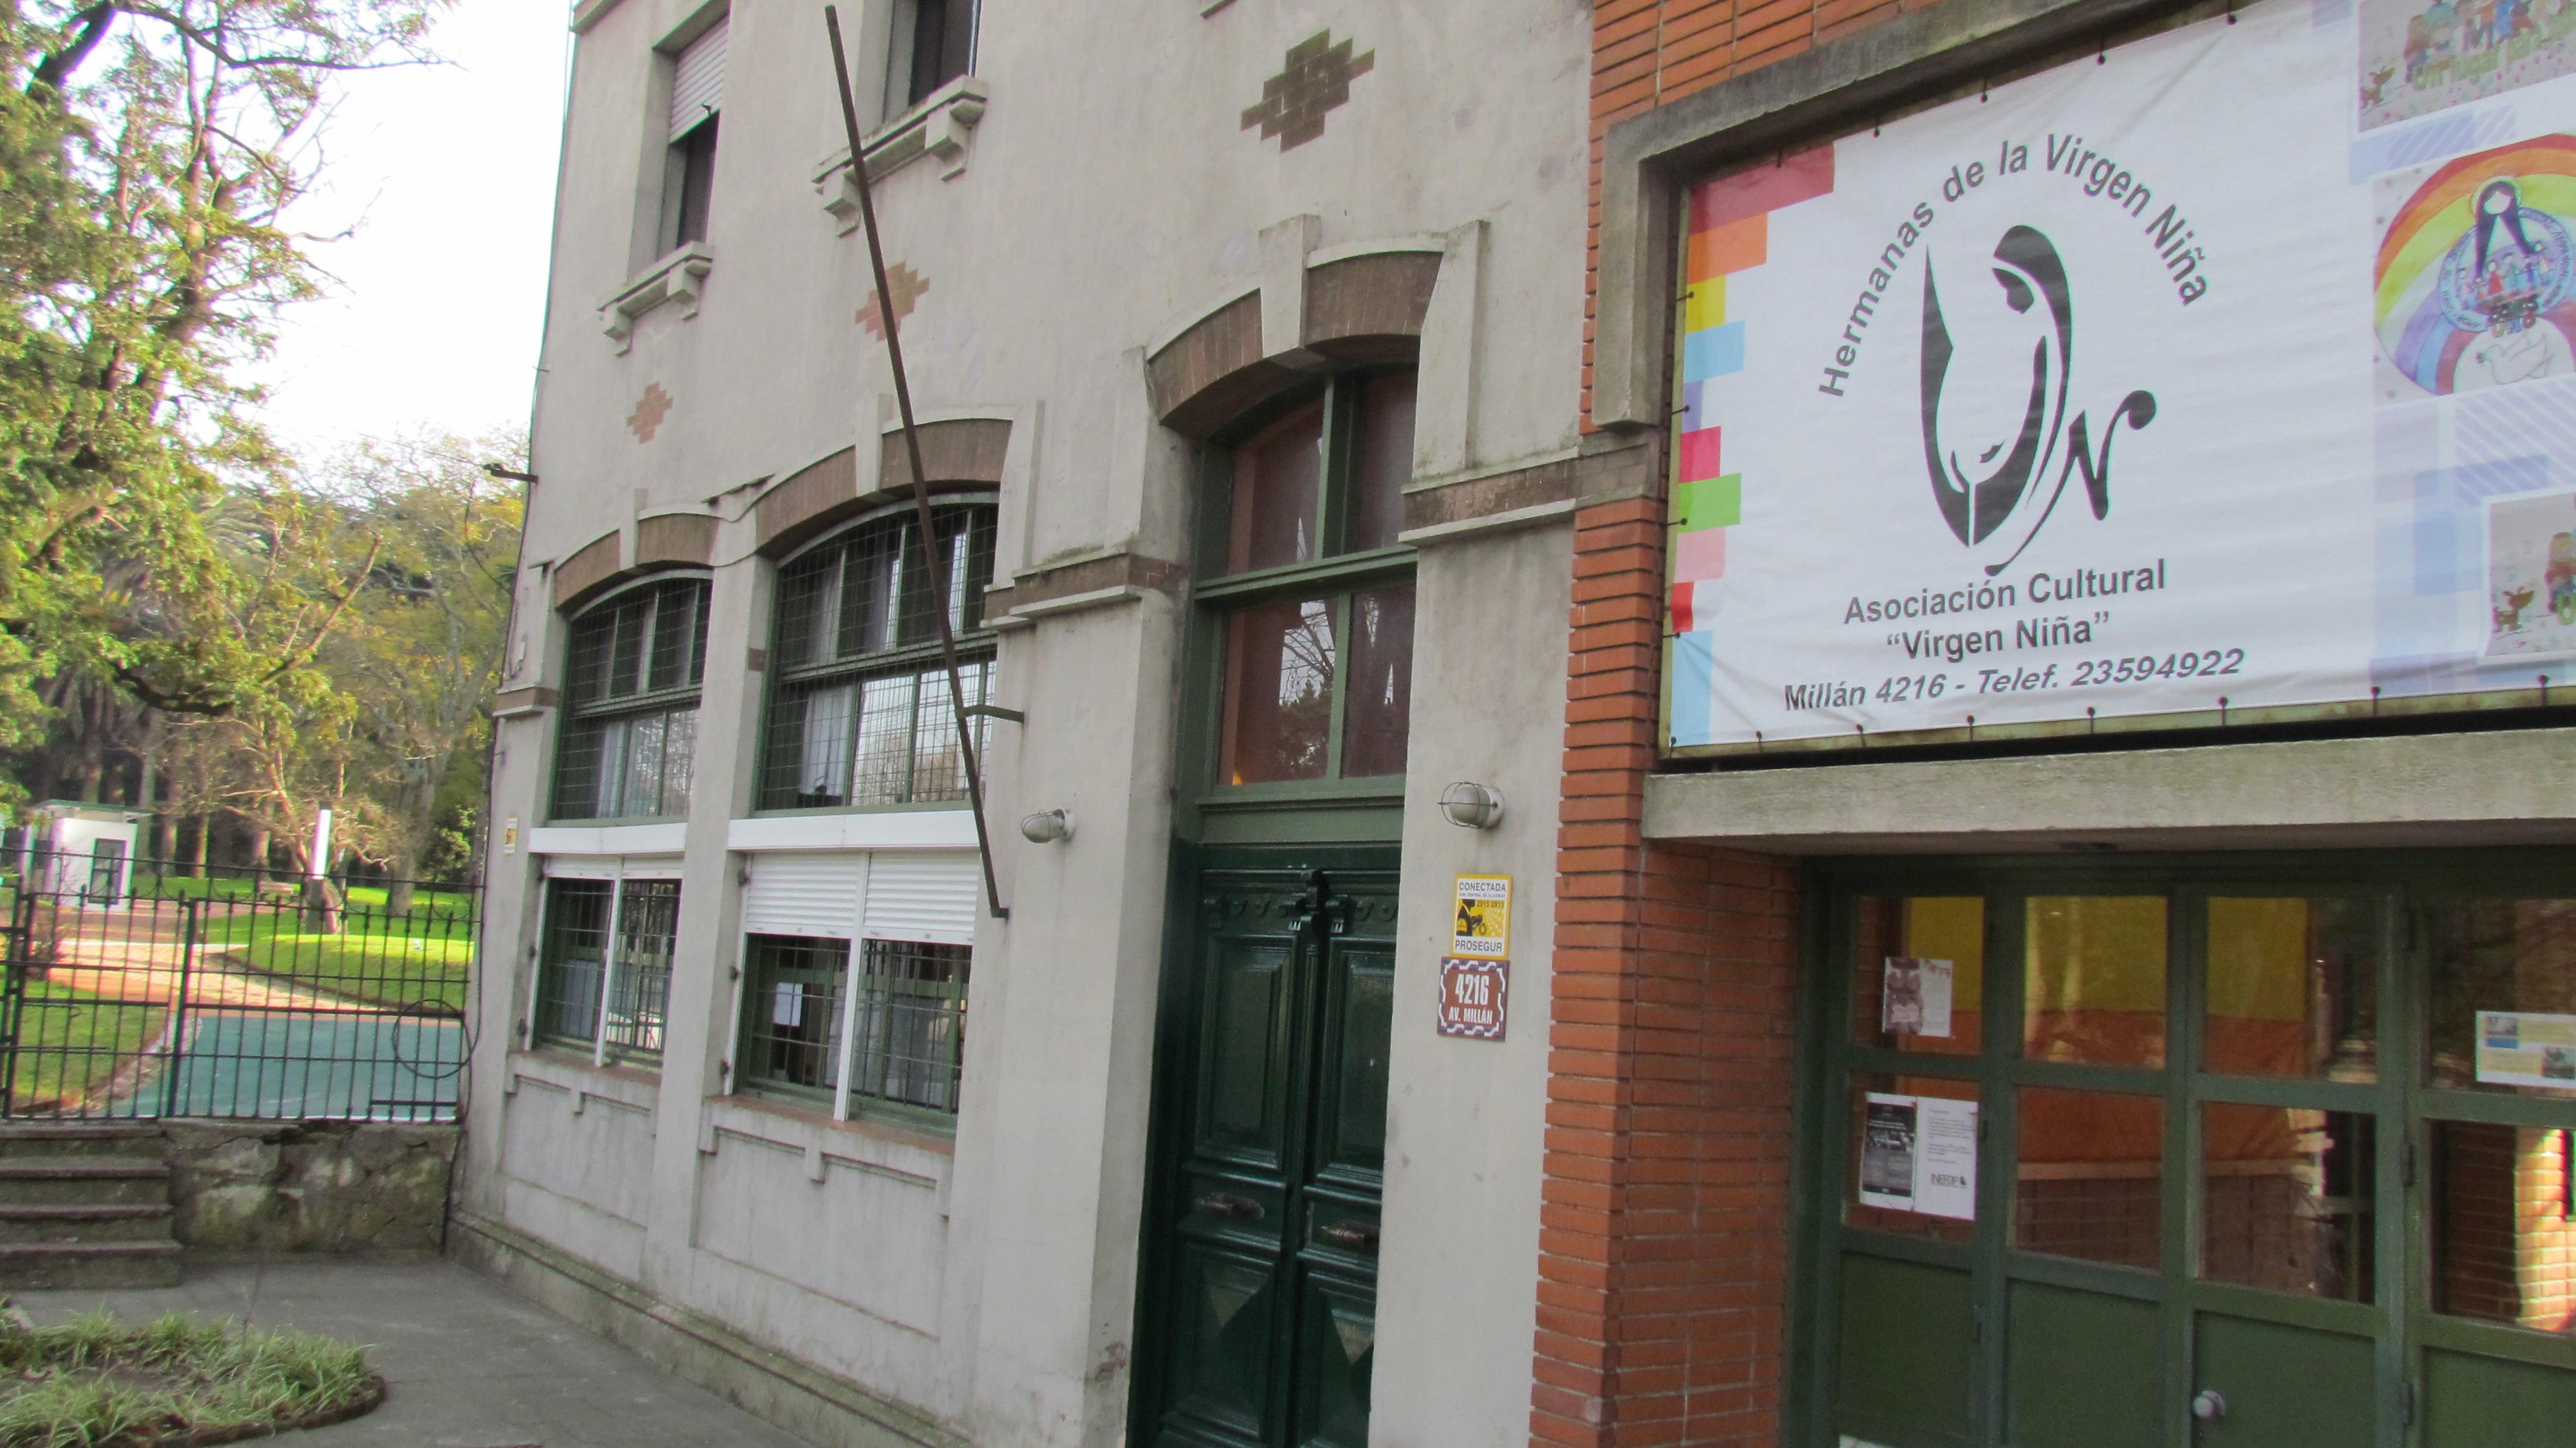 106 niños asisten a diario al club de niños y CAIF . FUENTE: Centro Virgen Niña